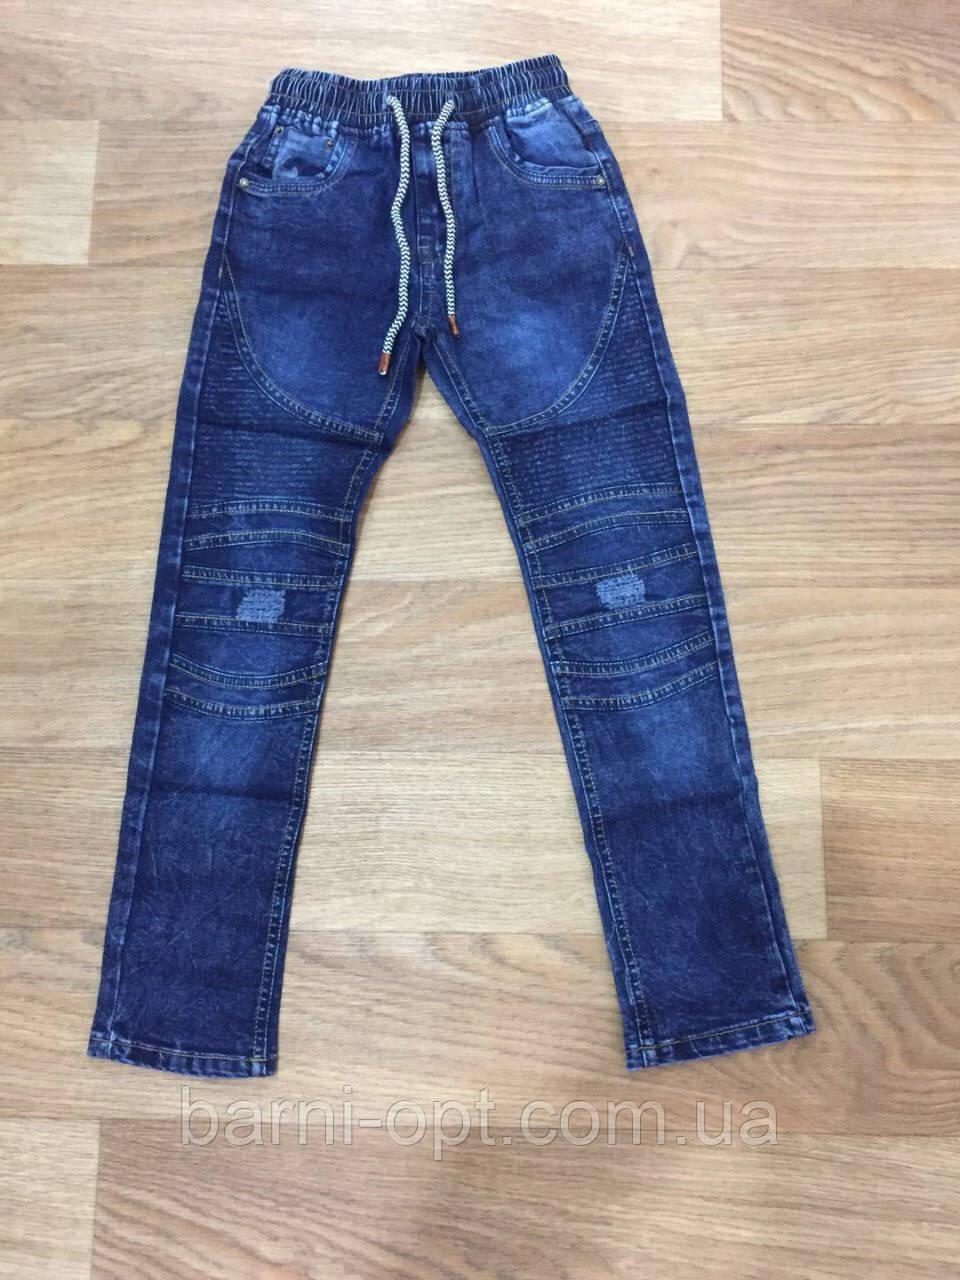 Джинсовые брюки для мальчиков Seagull оптом 146,рр